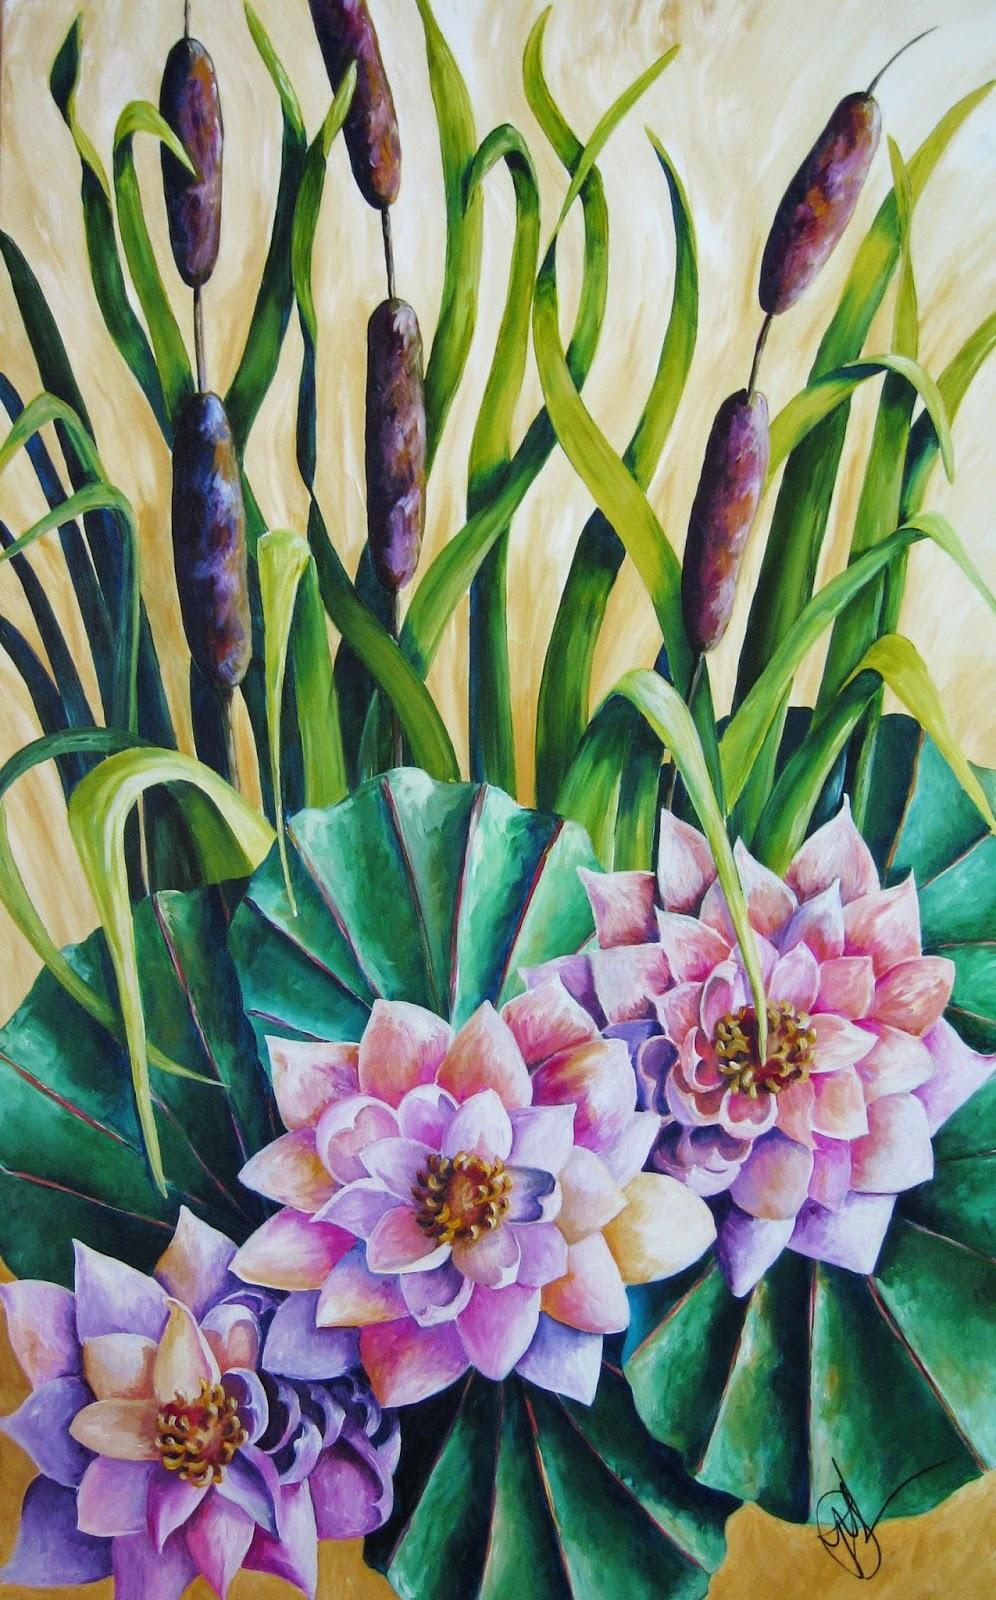 Original painting by Pamela Hunt Lee